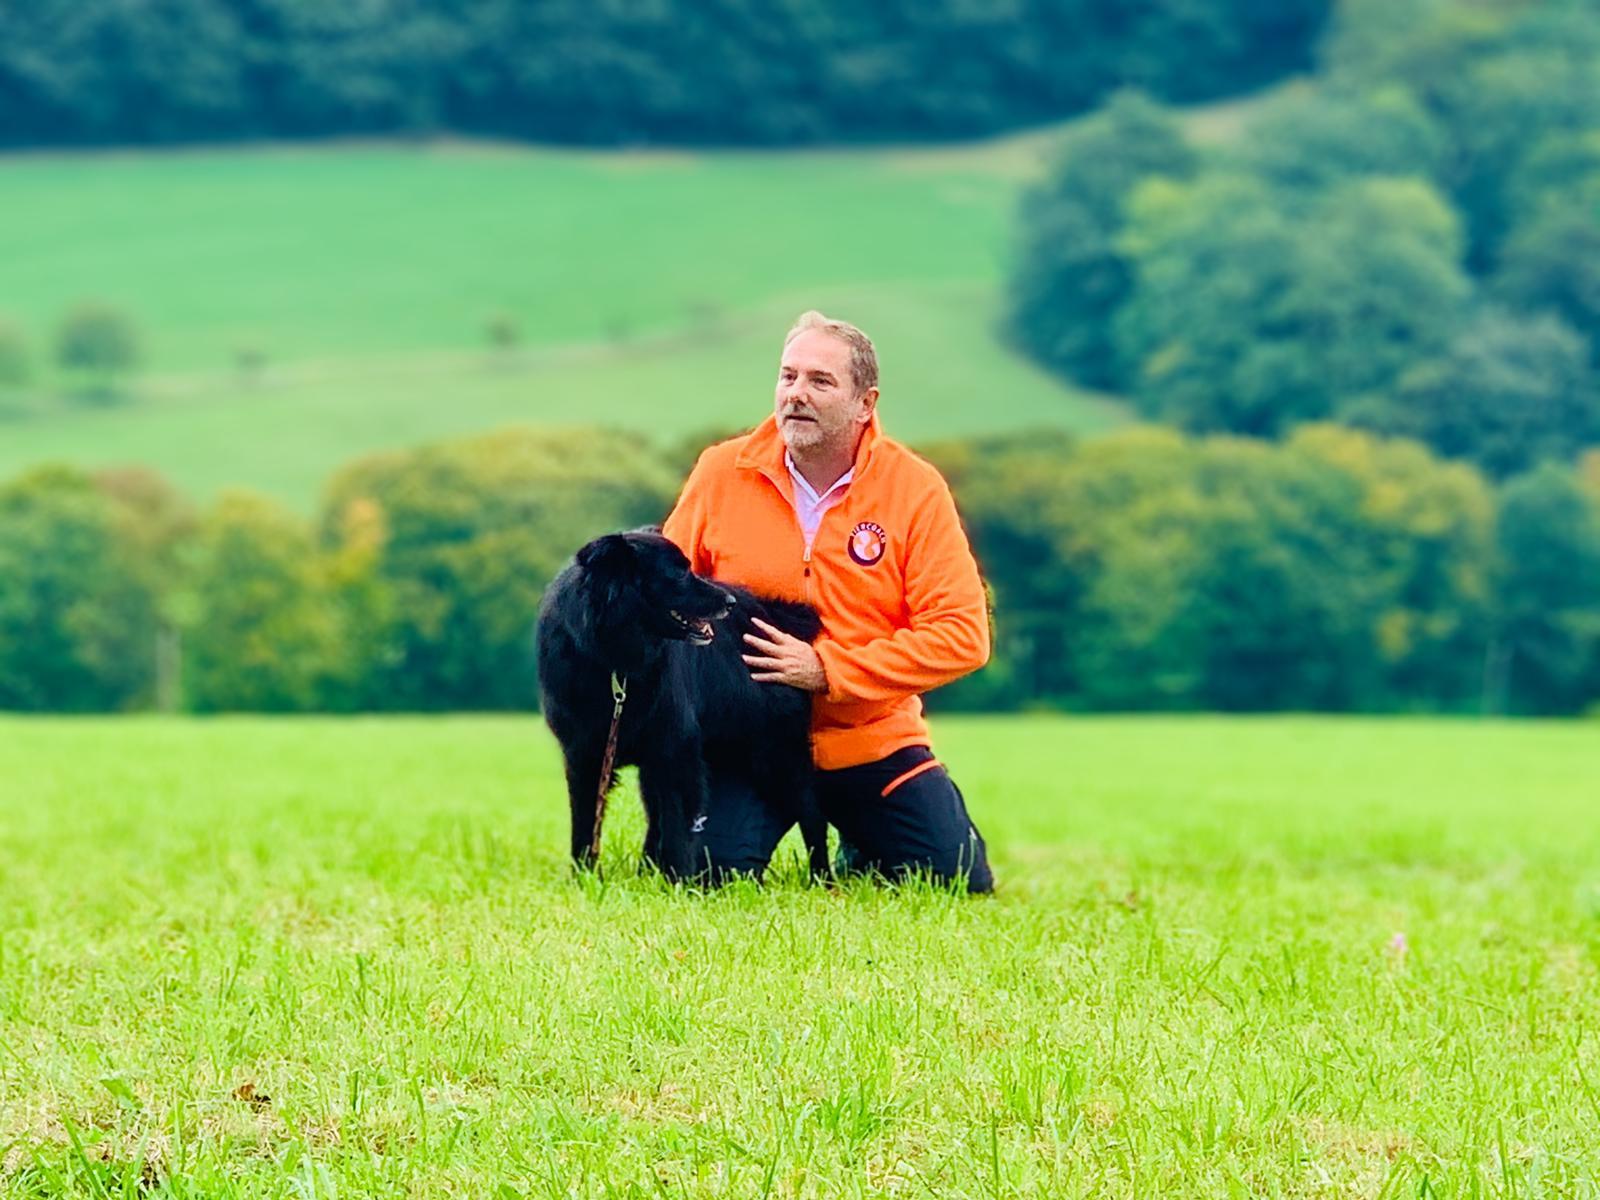 Übung: Ruhe in den Hund bringen durch Körperkontakt und übertragen der eigenen Energie